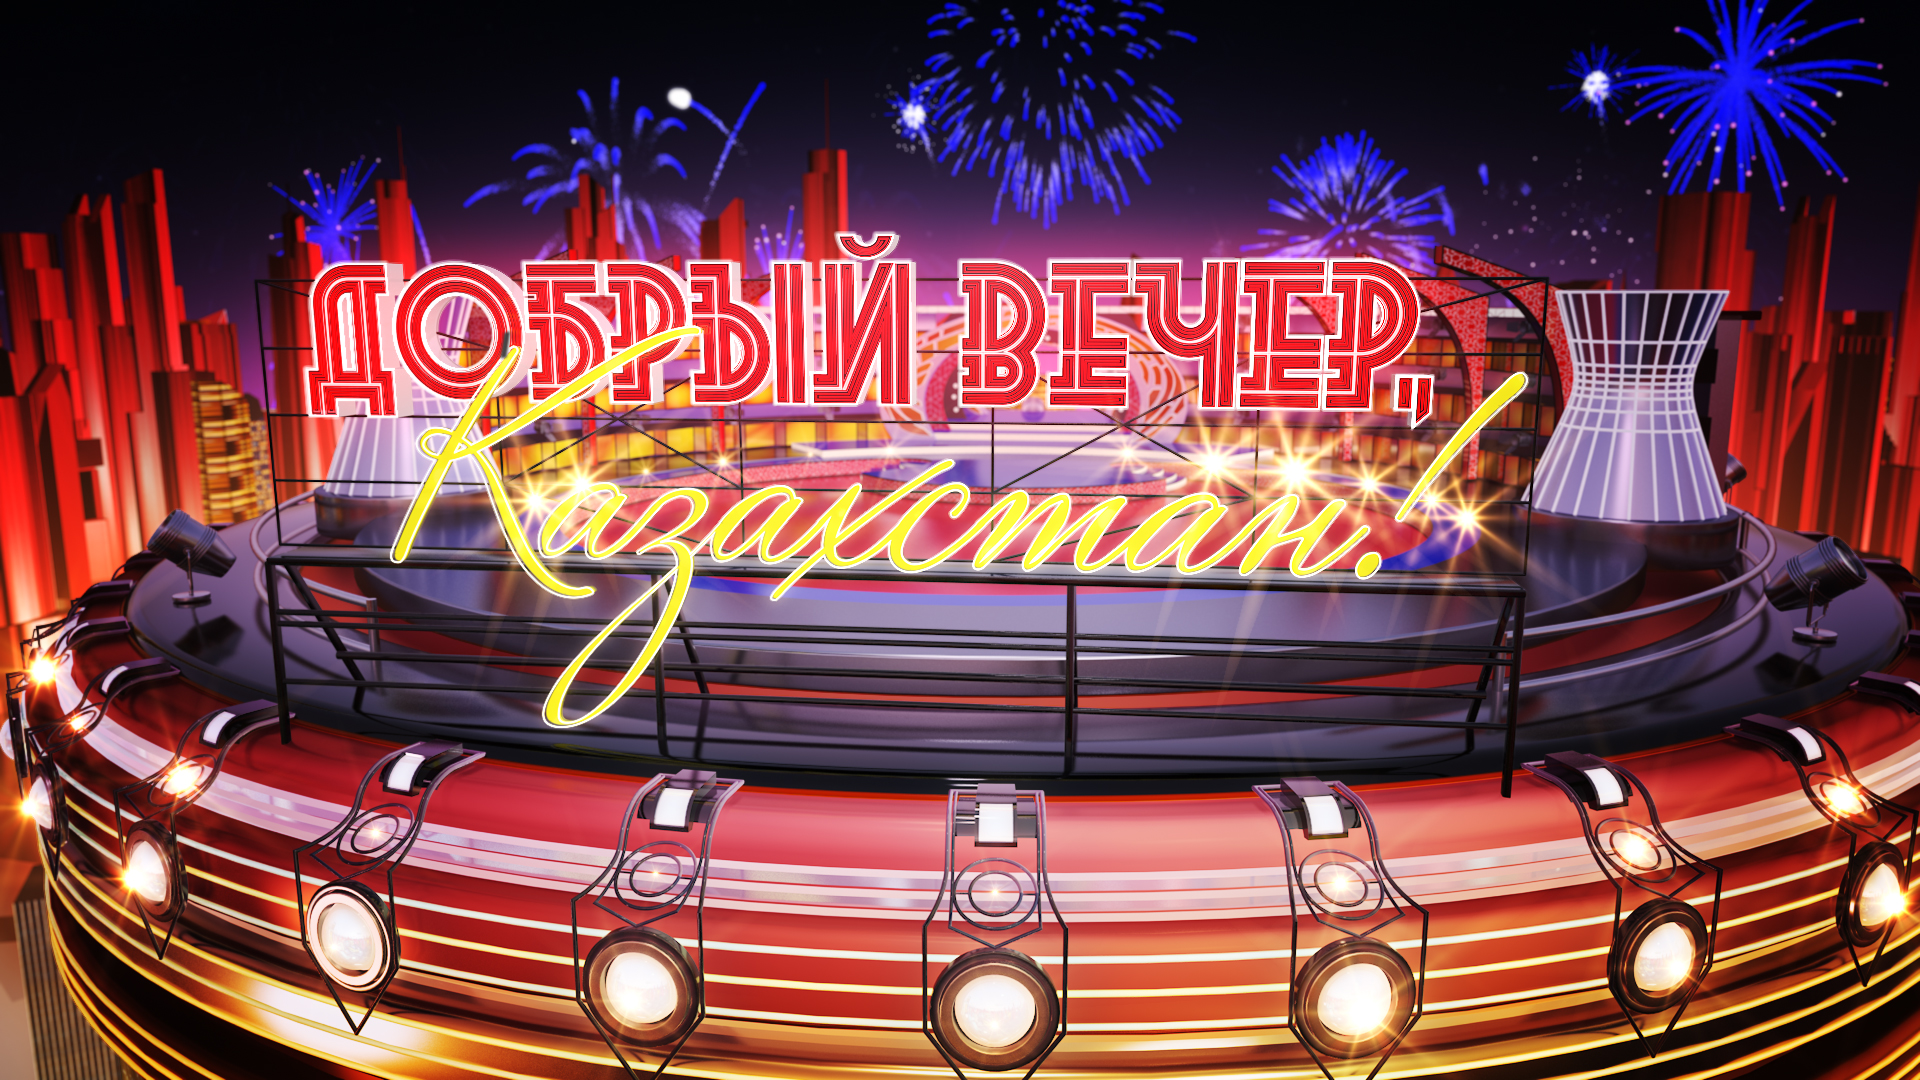 Slider Carousel Image